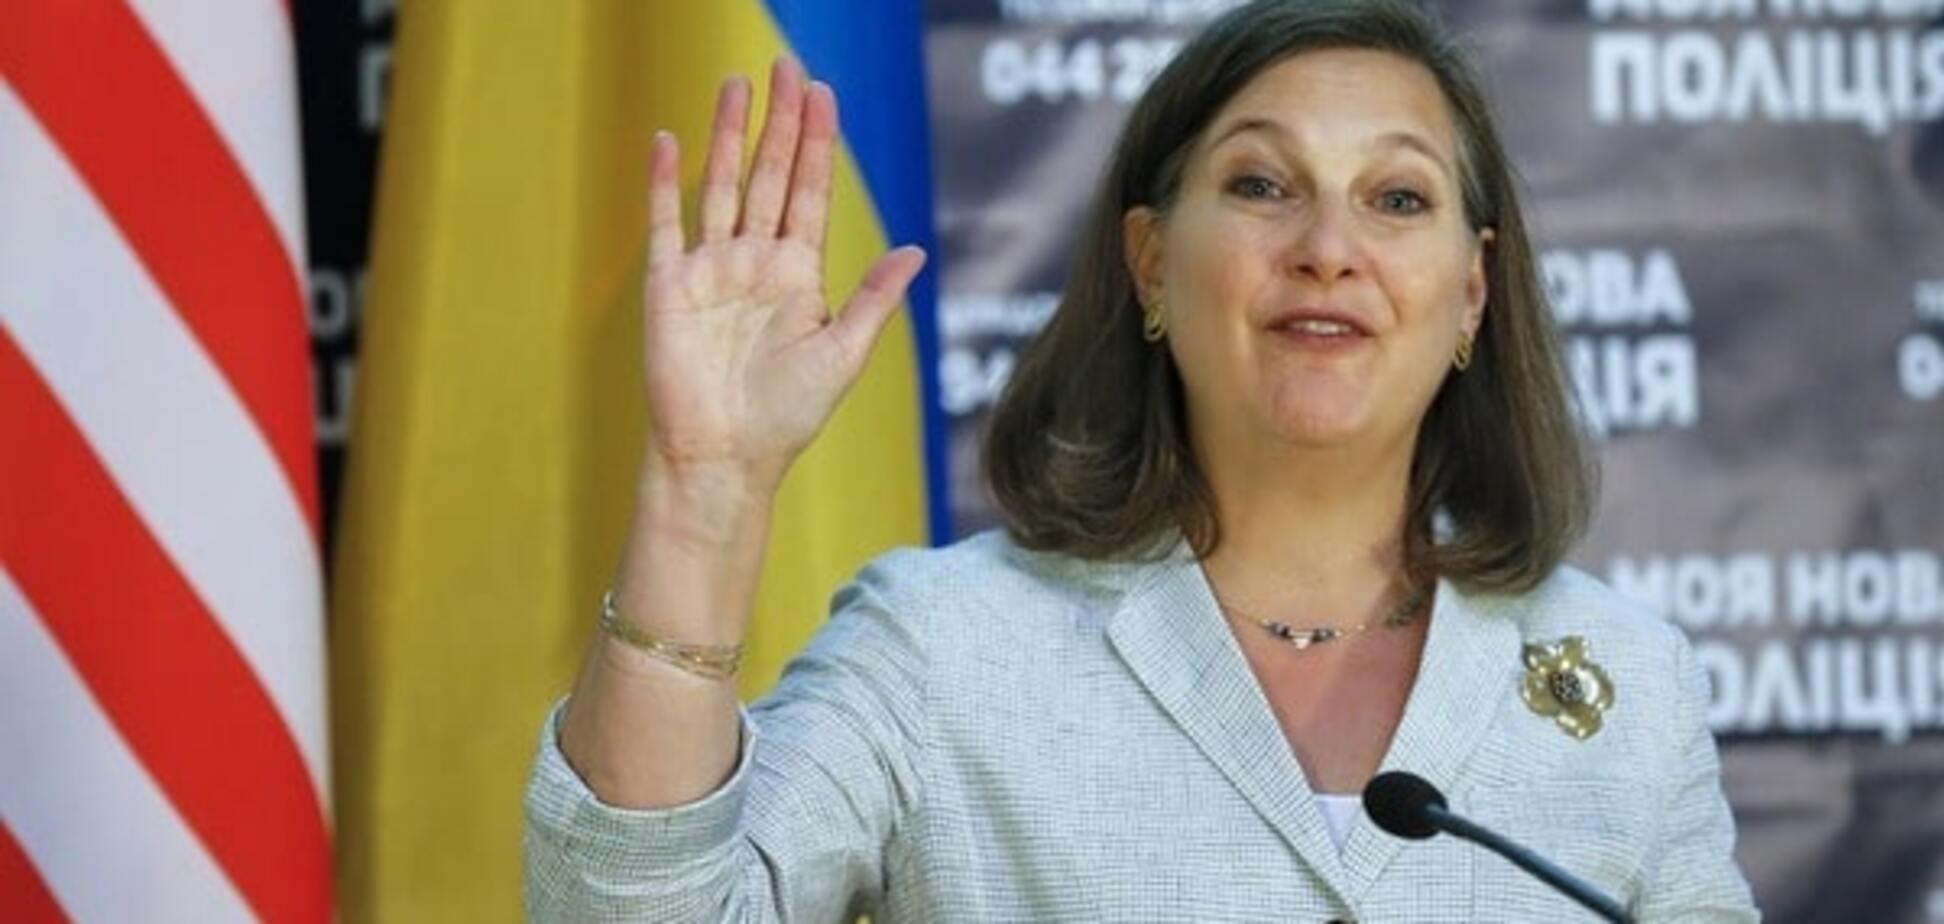 Посторанжевая травма: эксперт объяснил резкость Нуланд относительно Яценюка и Порошенко